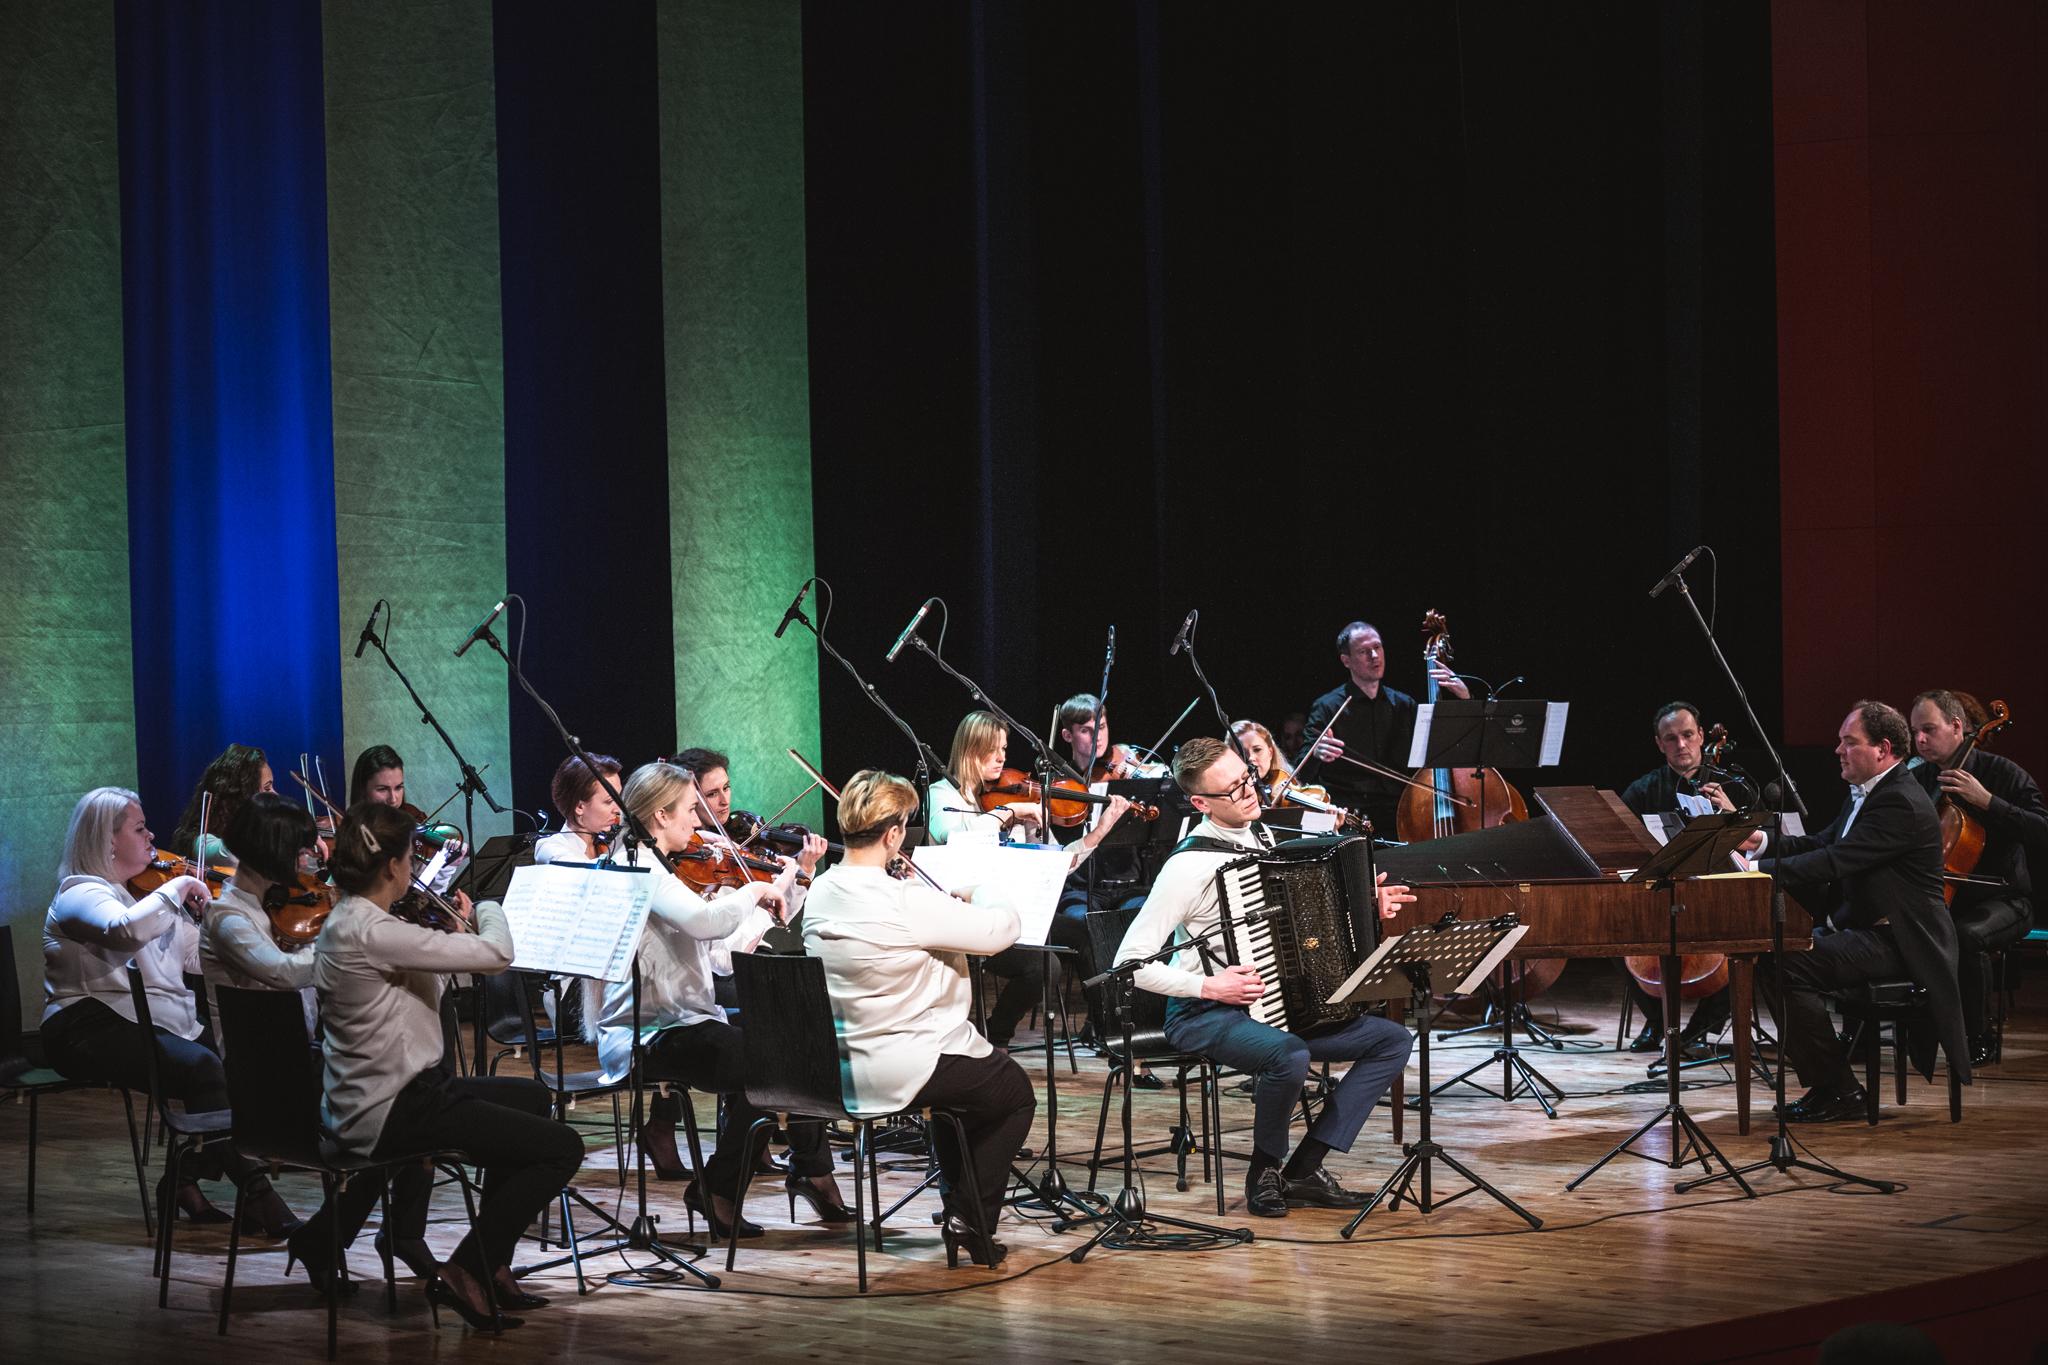 Paežeriuose skambės talentingo akordeonininko ir orkestro atliekami kūriniai